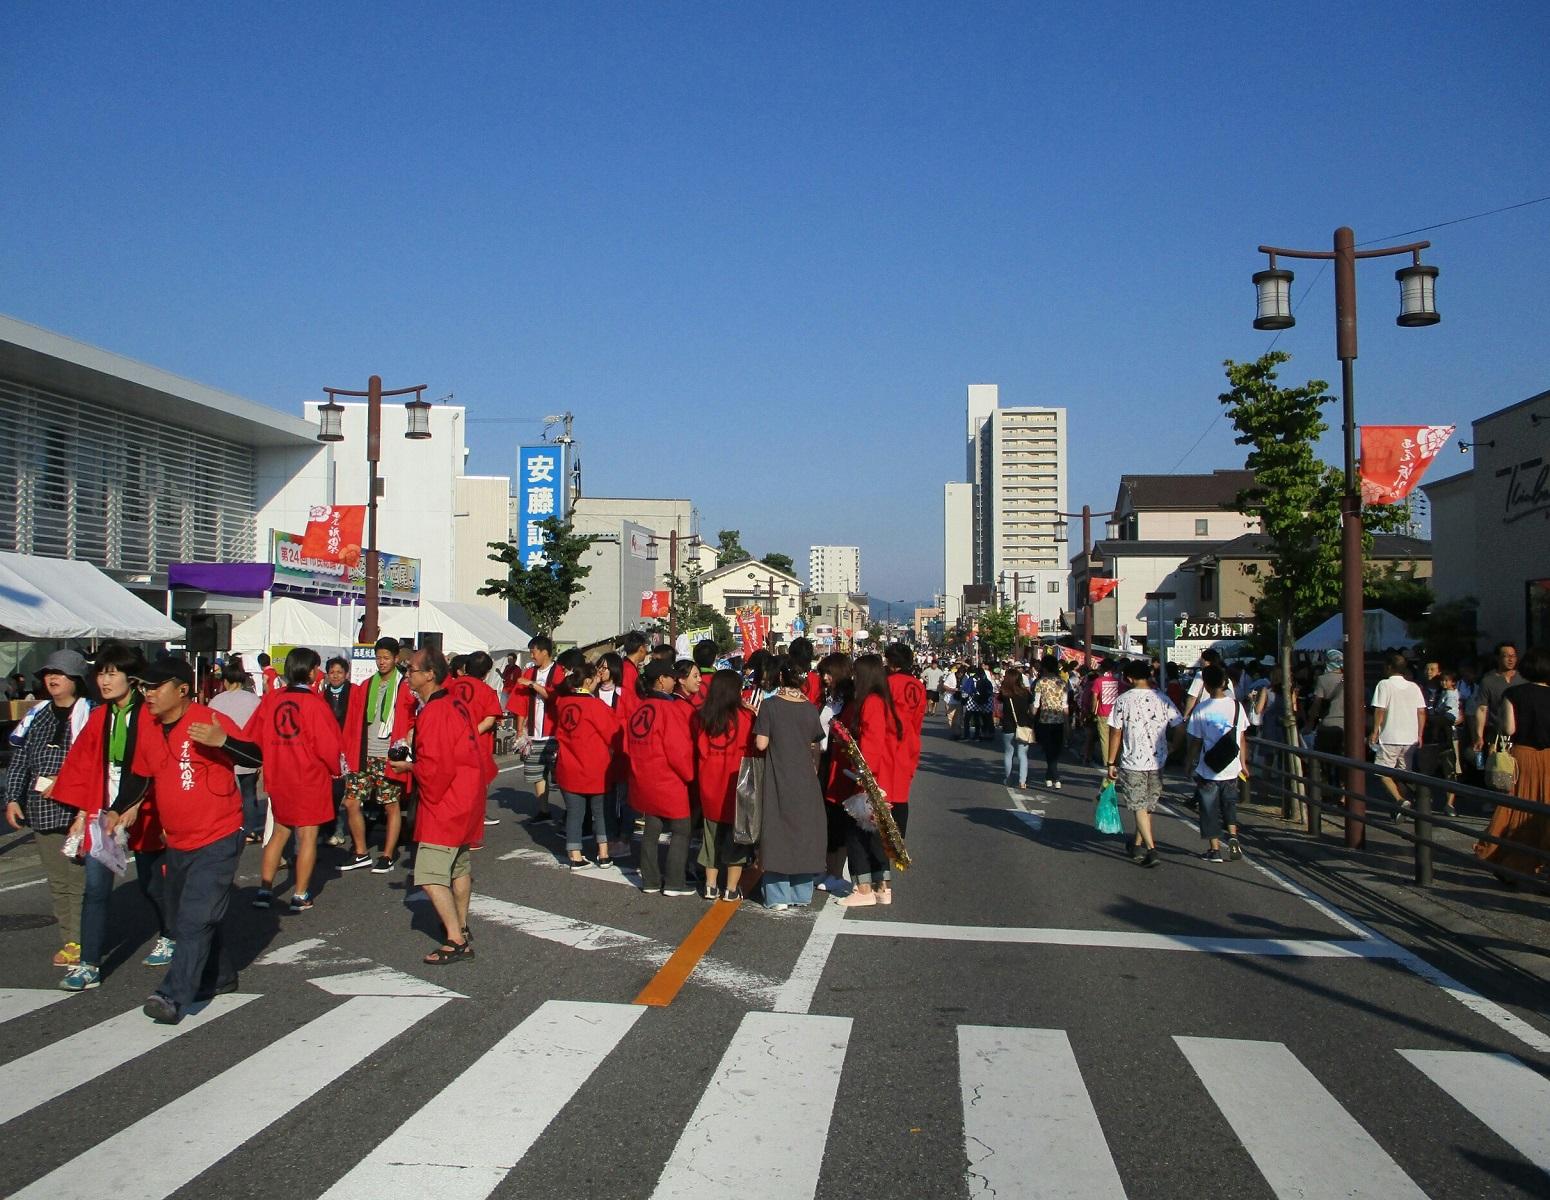 2018.7.15 (5) 中央どおり(ひがしむき) 1550-1200